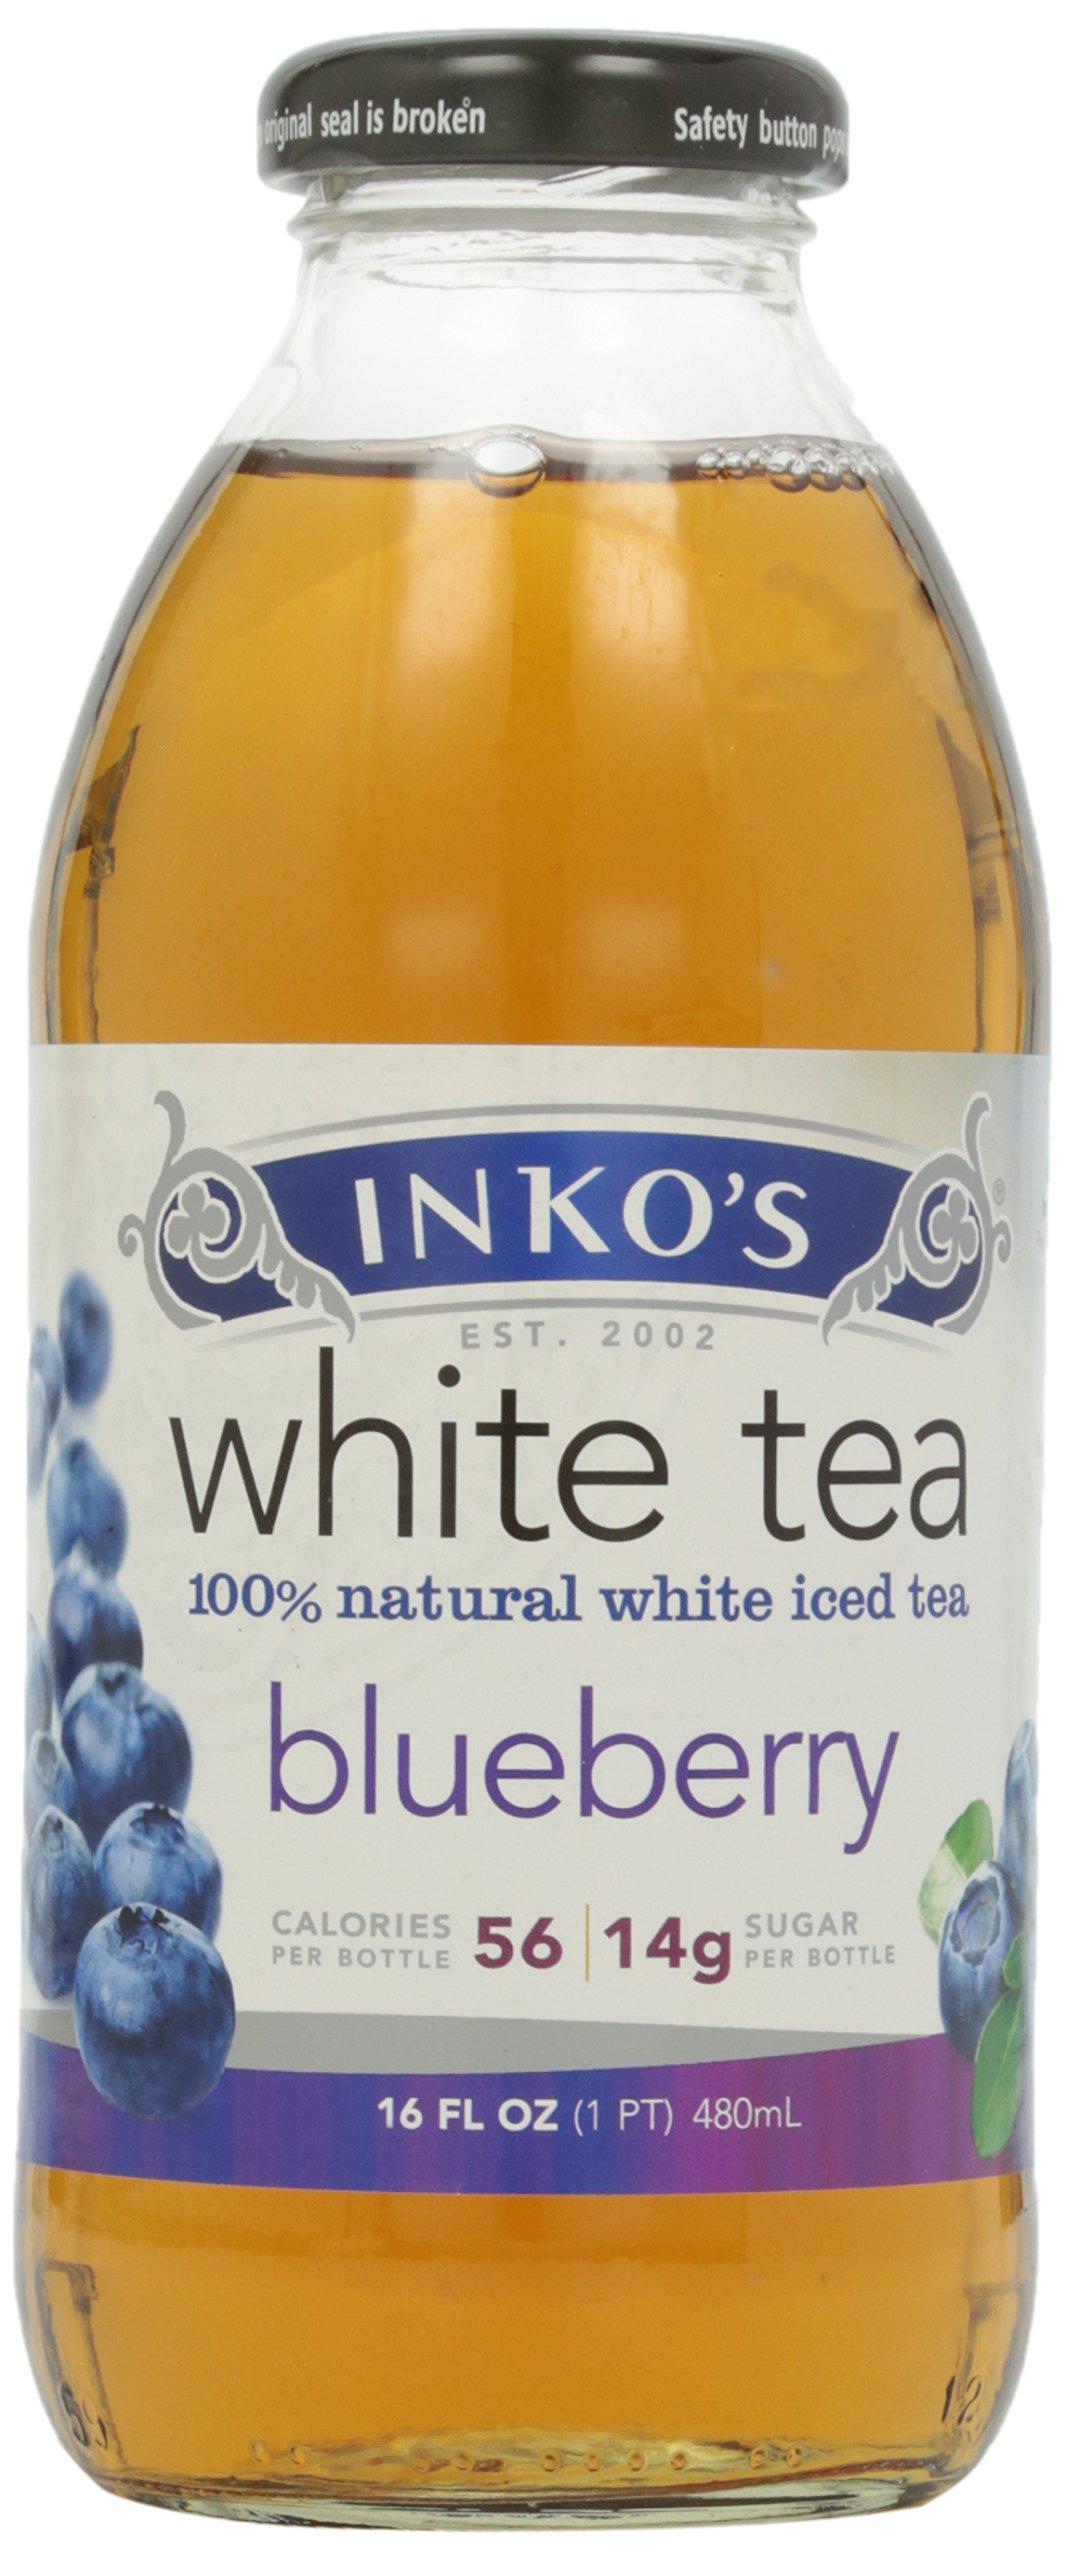 Inko's Iced White Tea, Blueberry, 16 oz